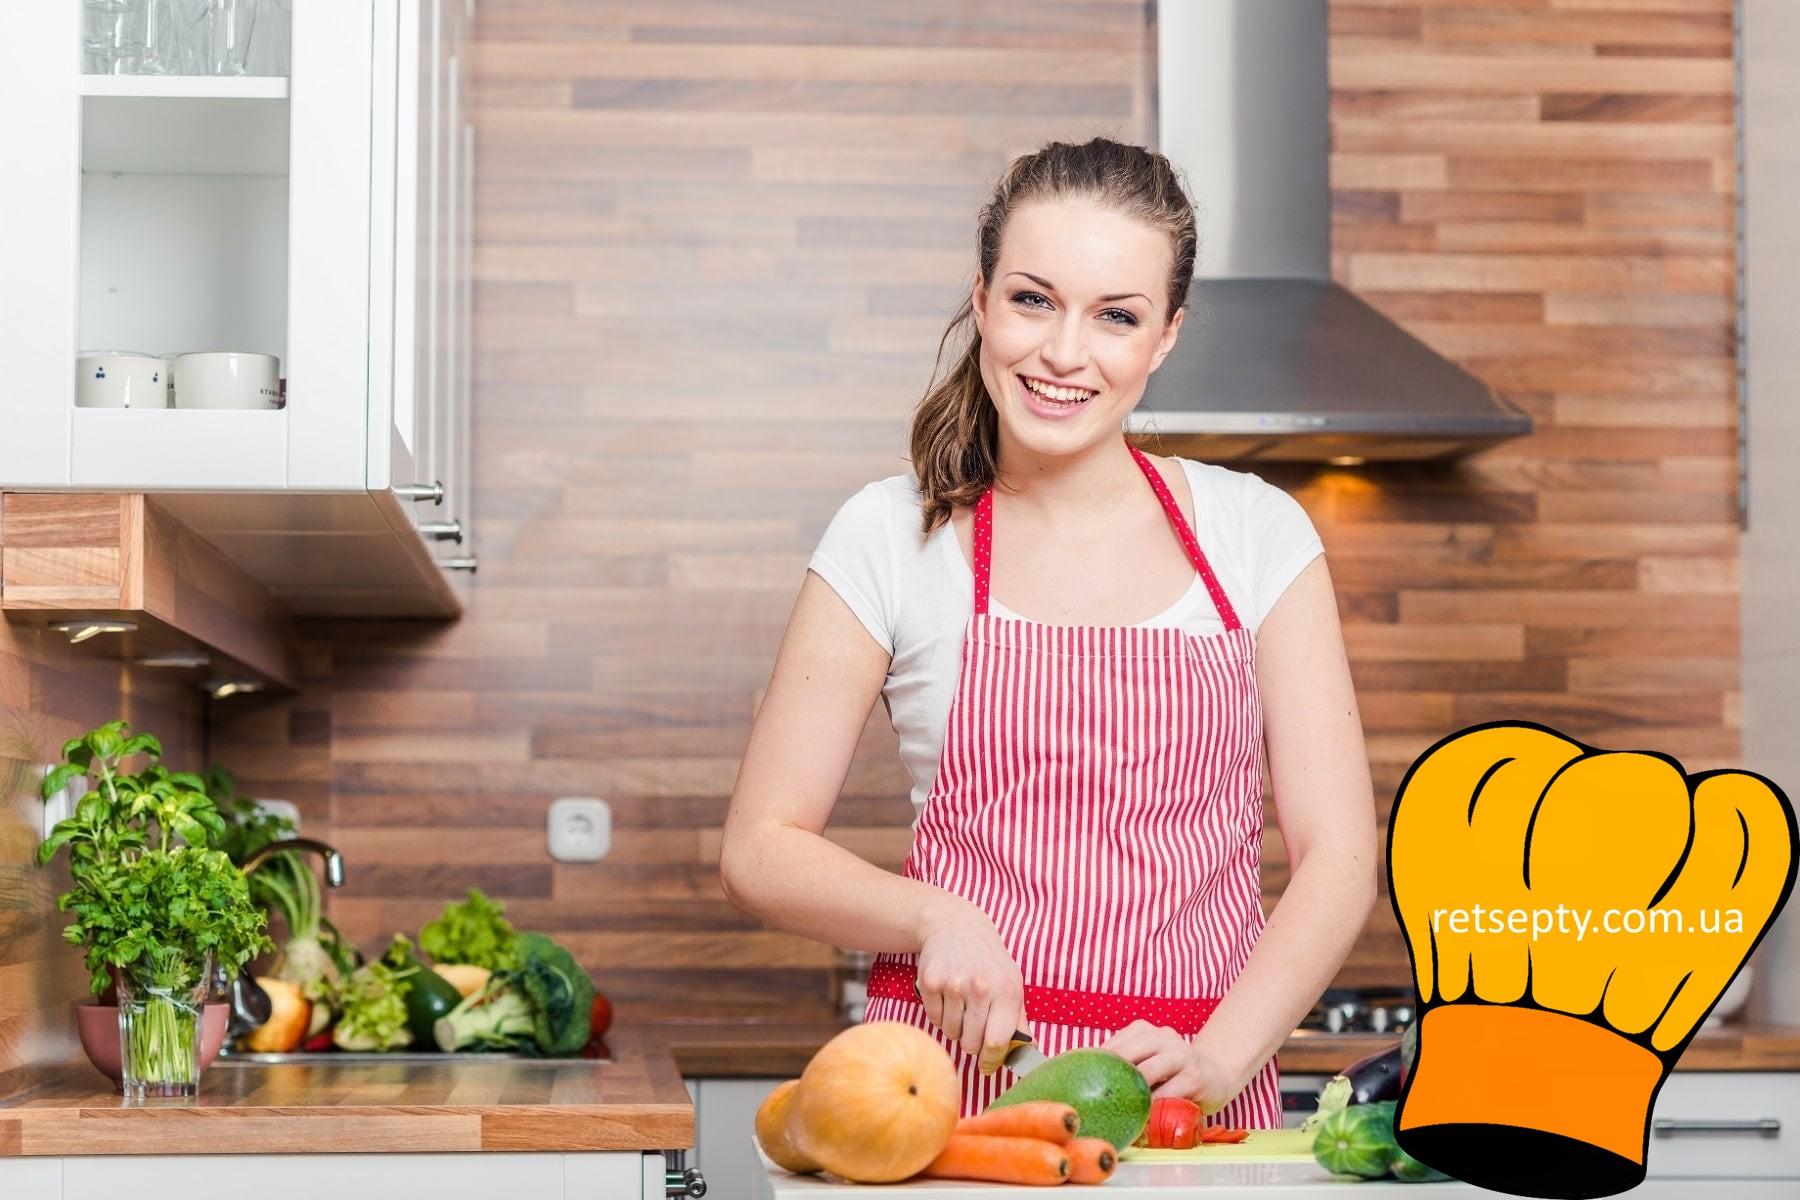 Основні хитрощі в кулінарії для господинь